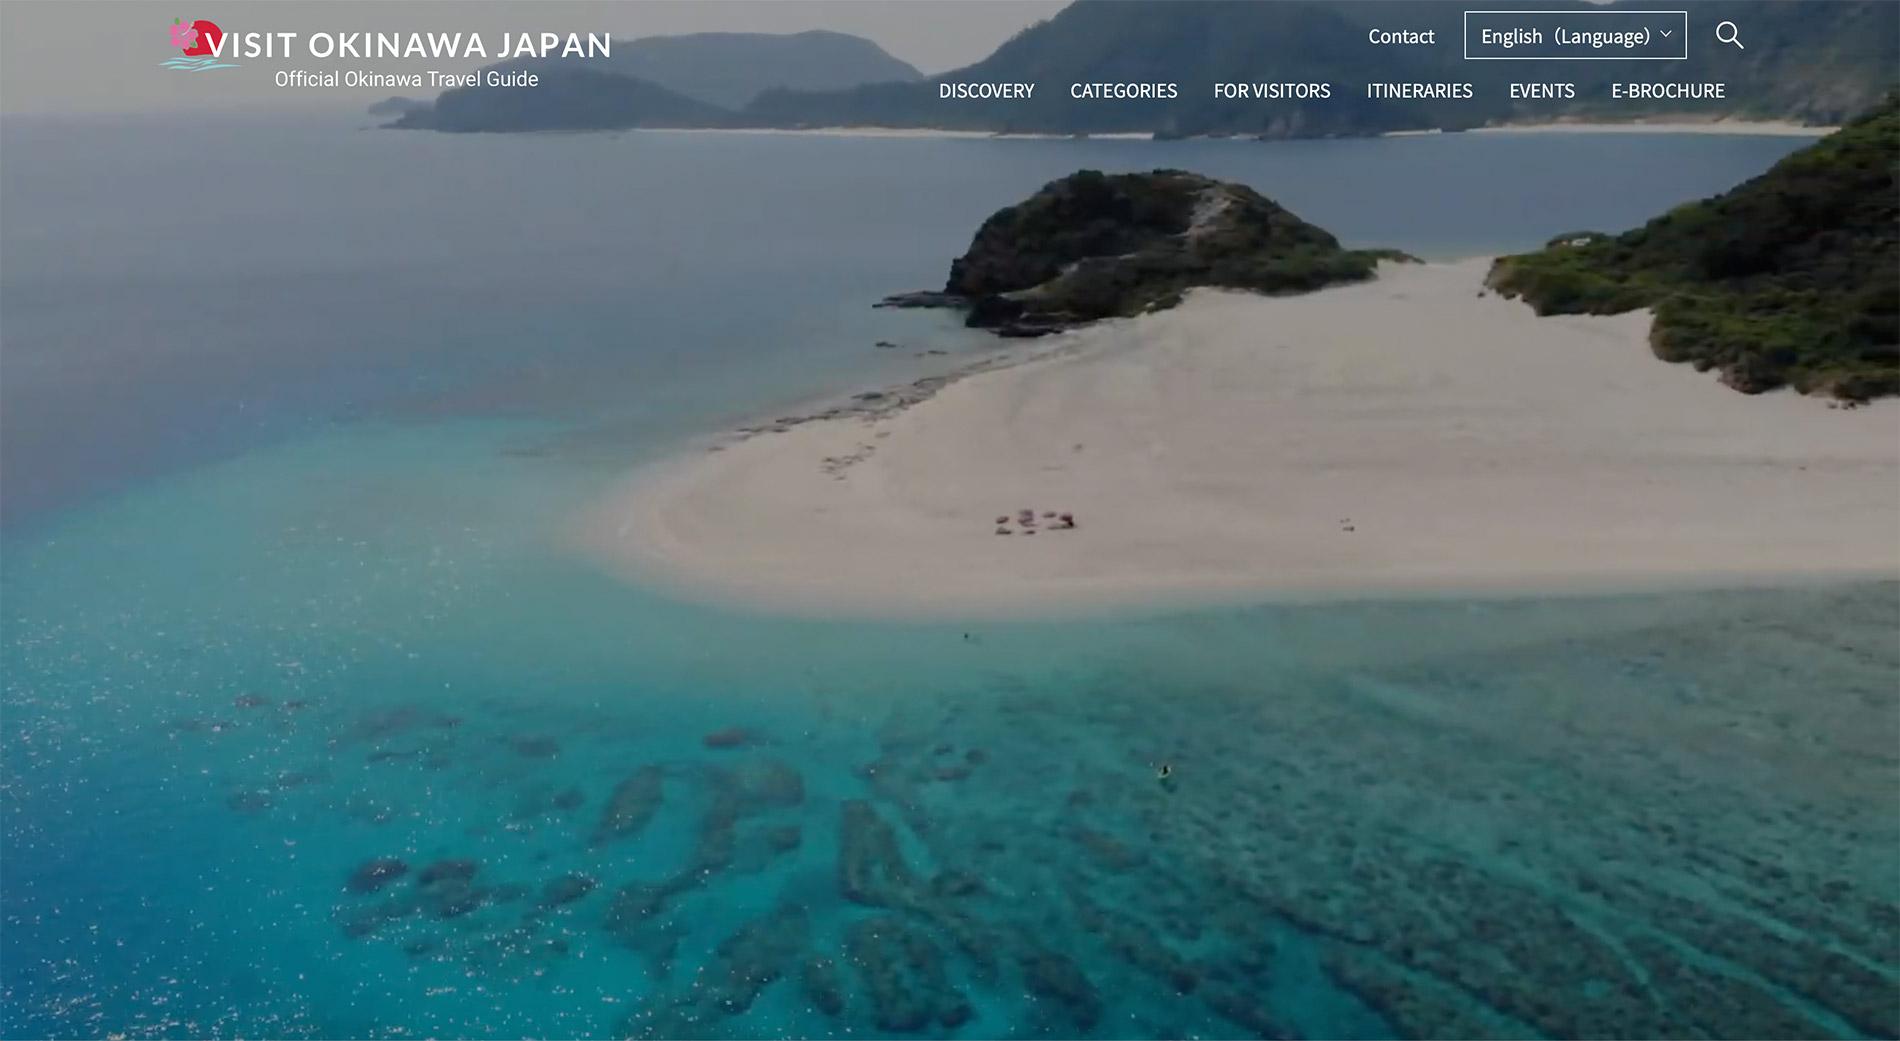 Die englische Webseite des Tourismusverbandes der Präfektur Okinawa.